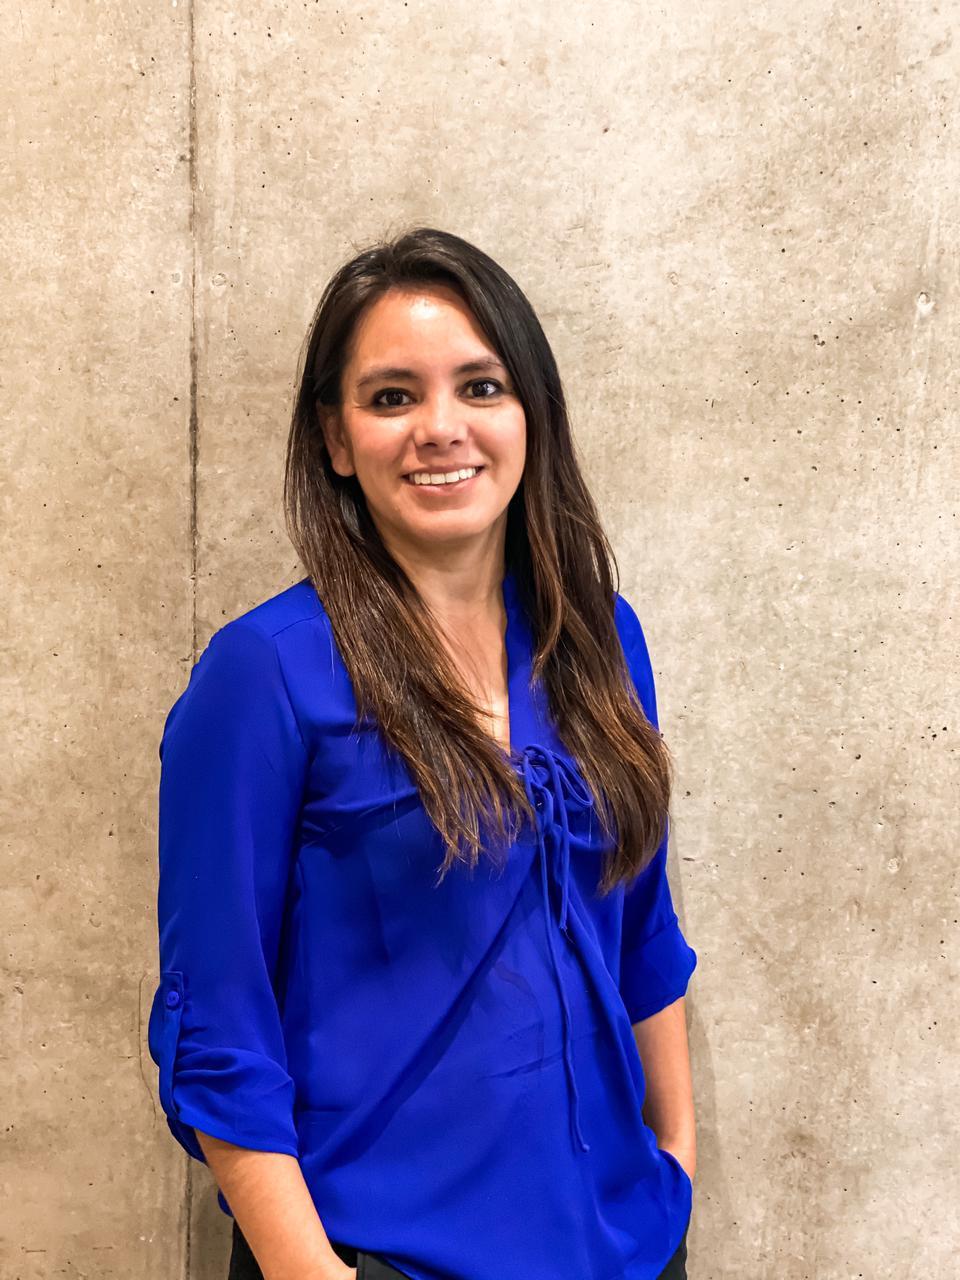 foto del docente Maria Fernanda Orozco Olarte